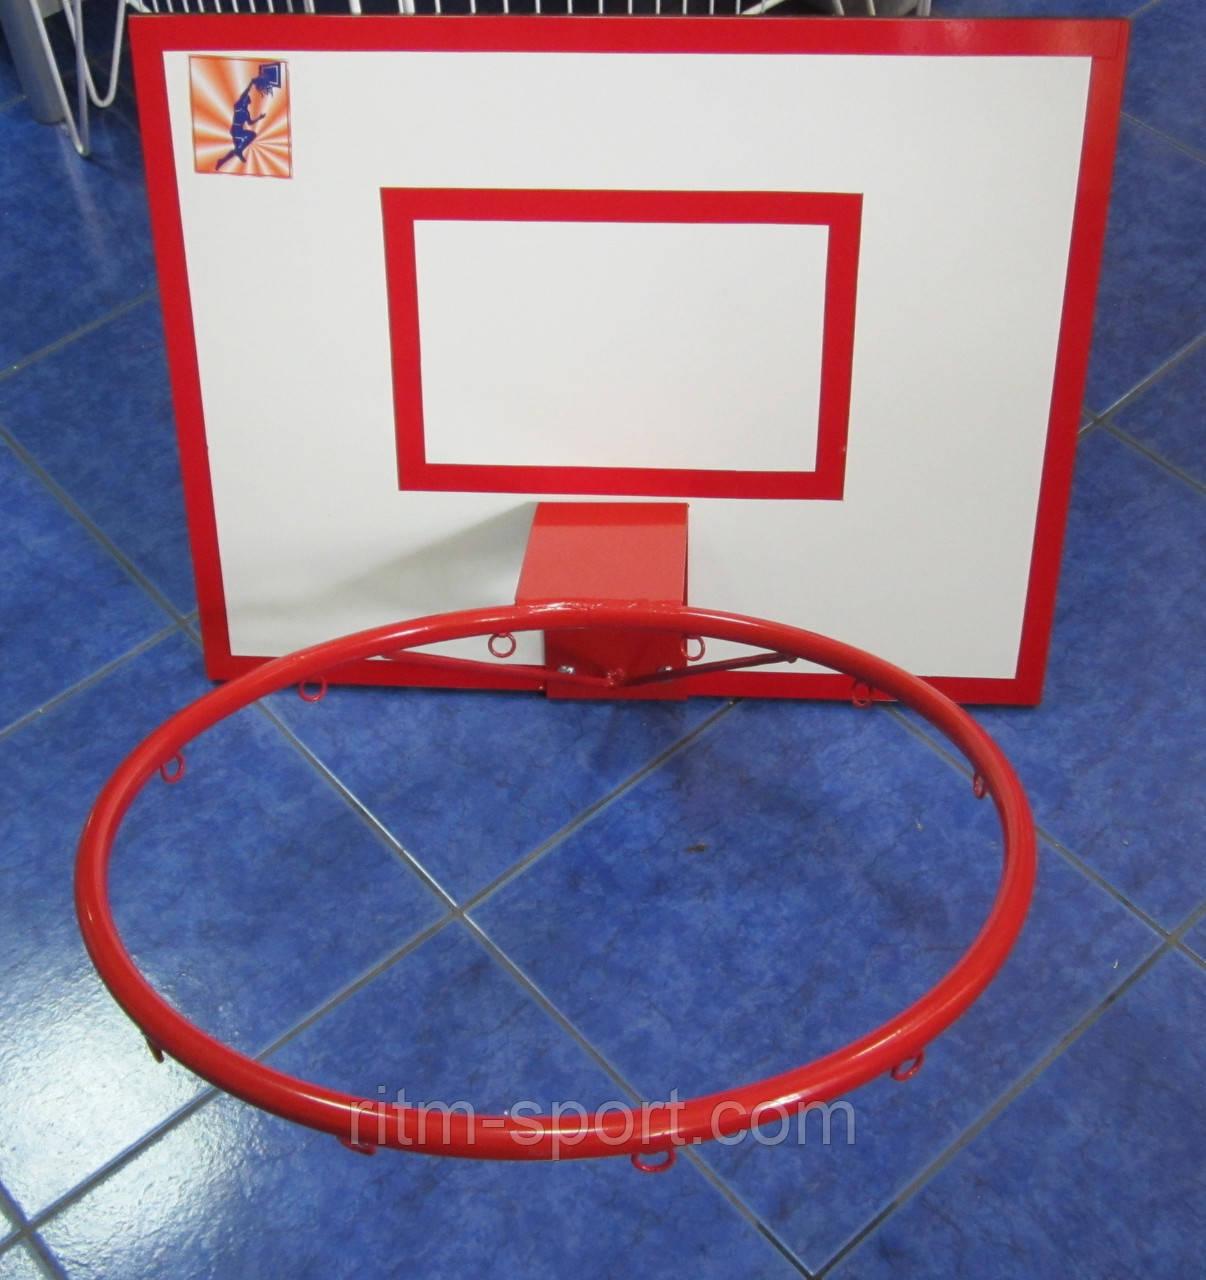 Детский баскетбольный щит с кольцом для дома своими руками 61